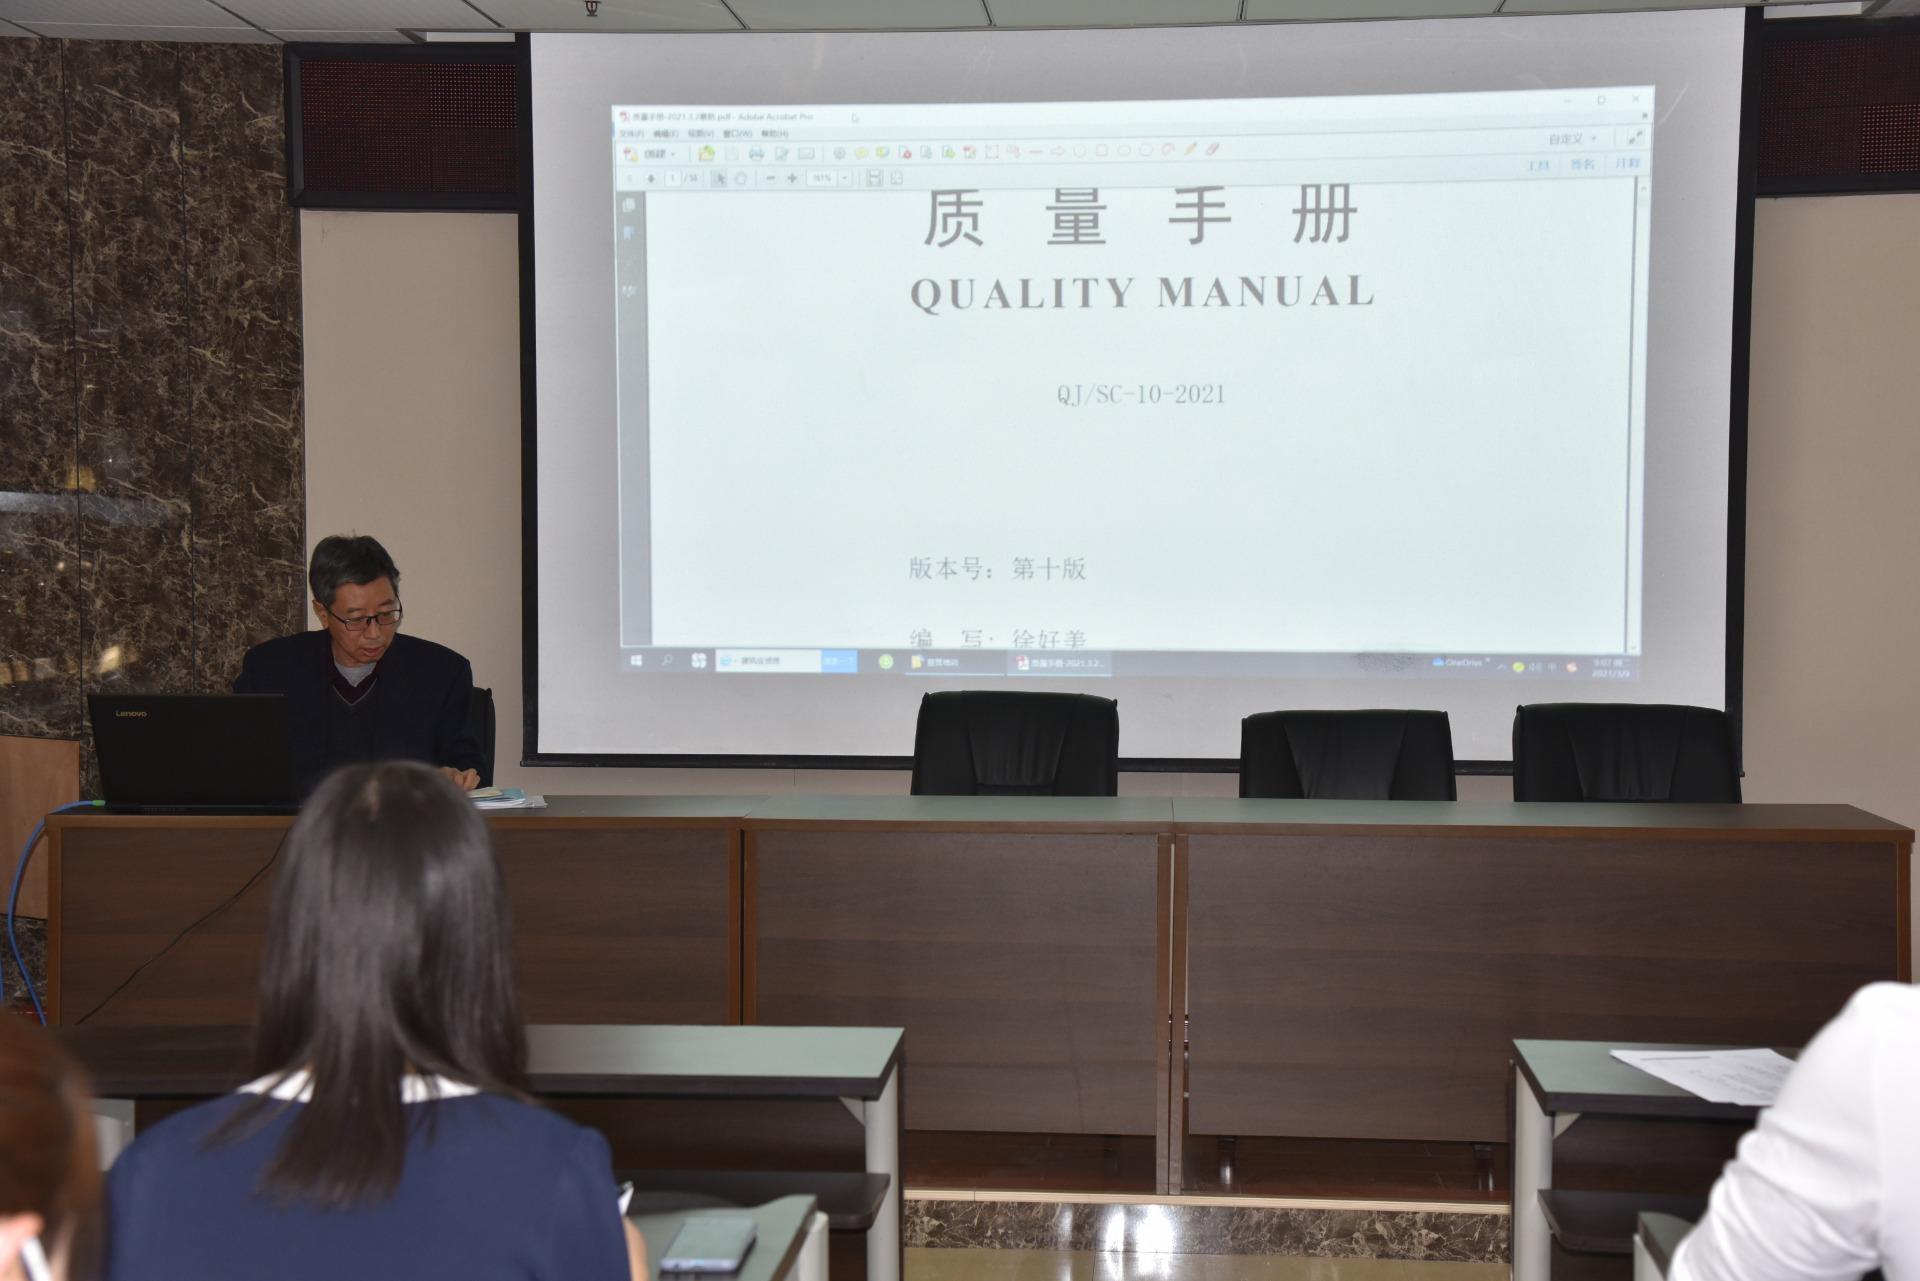 山东省公路桥梁检测中心有限公司开展管理体系文件宣贯培训